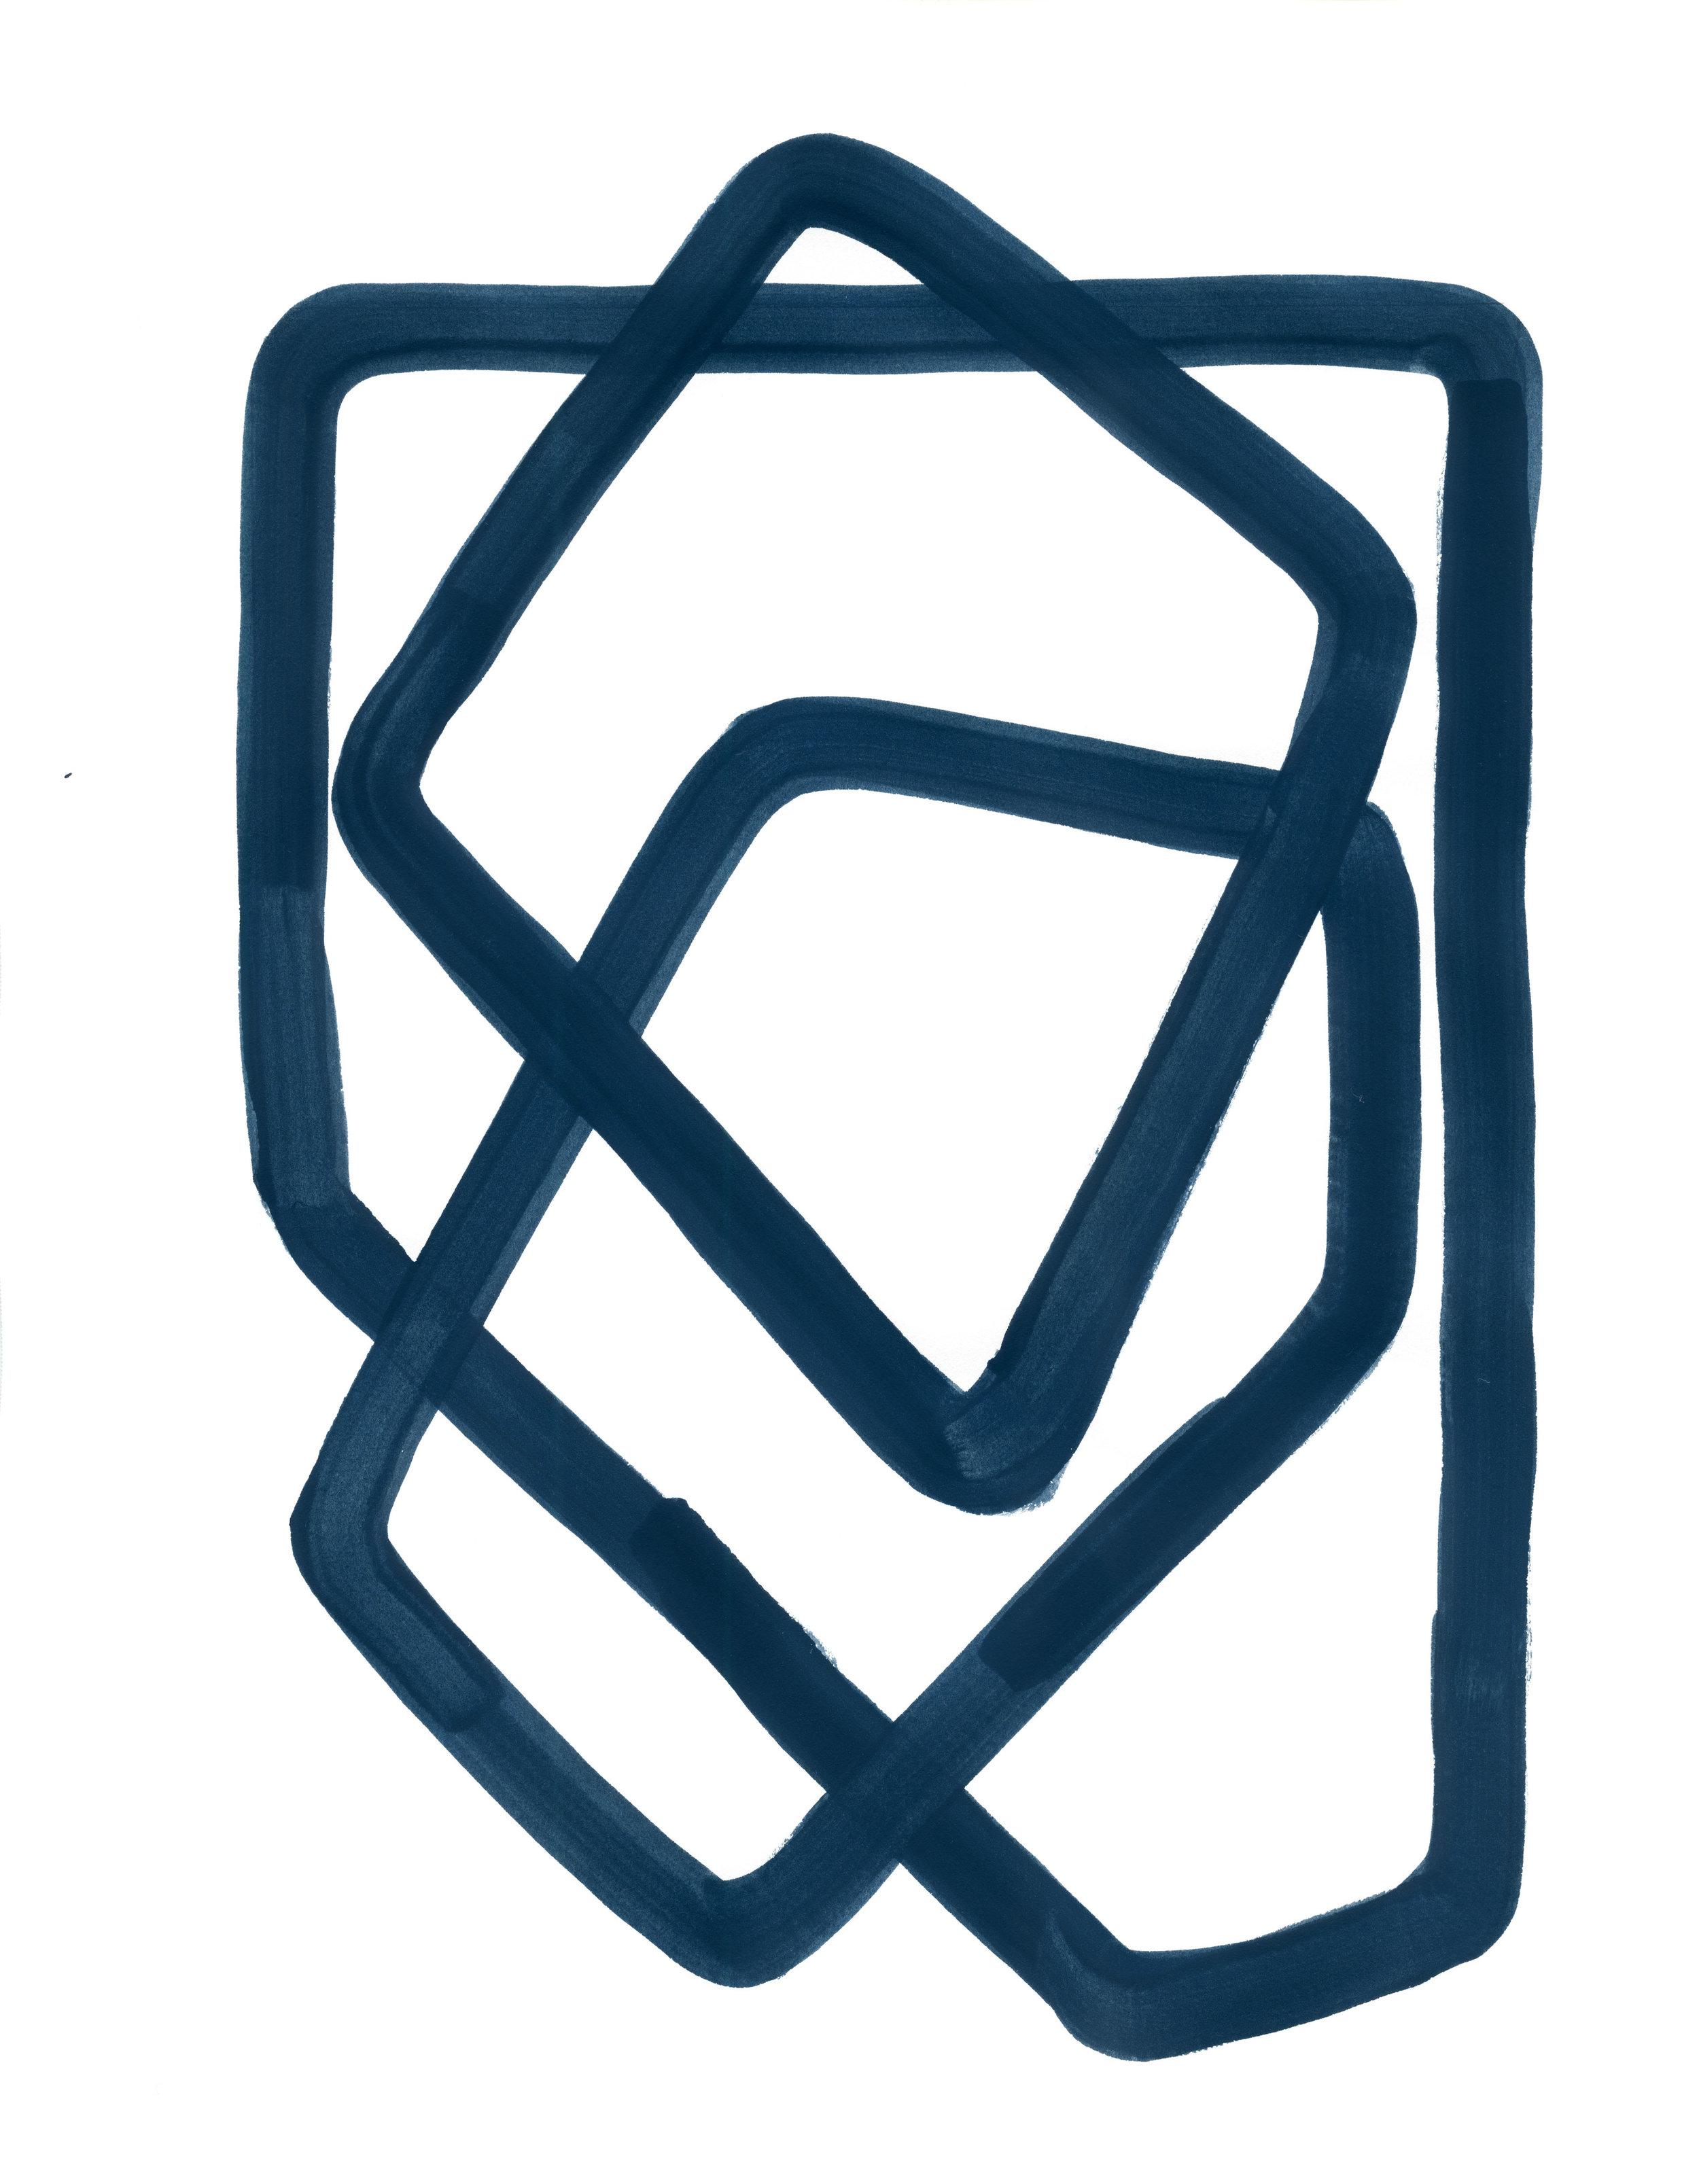 Threes-IX.jpg